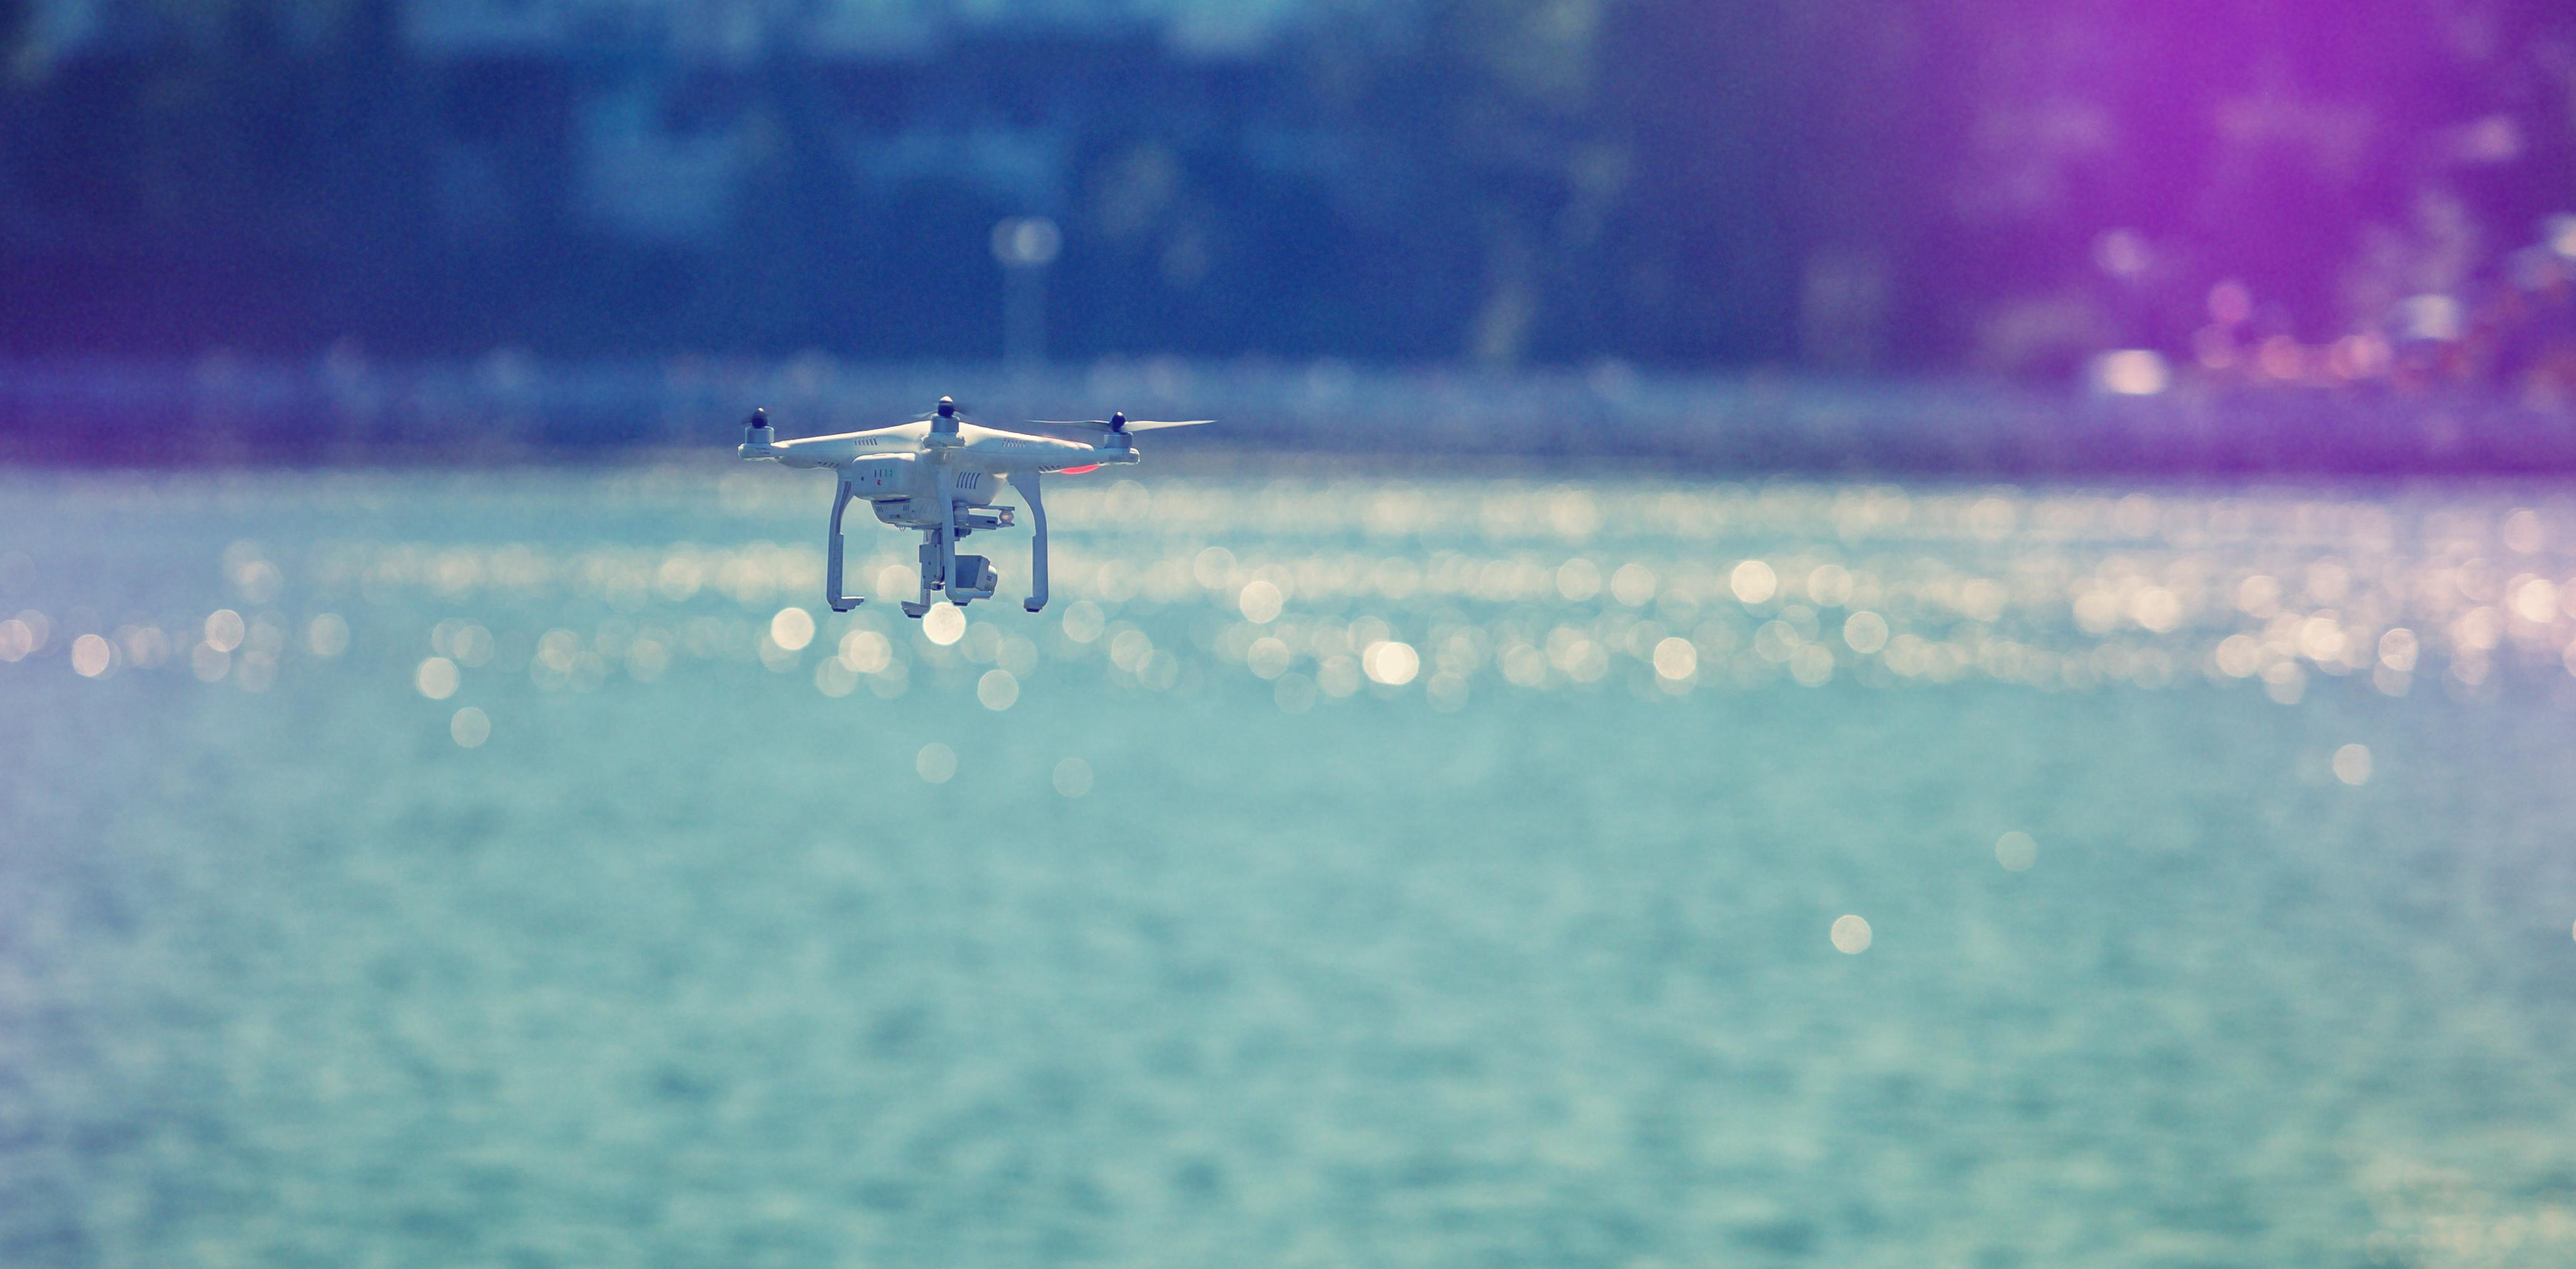 これから夏本番のオーストラリア、「サメを見つける人工知能ドローン」が活躍